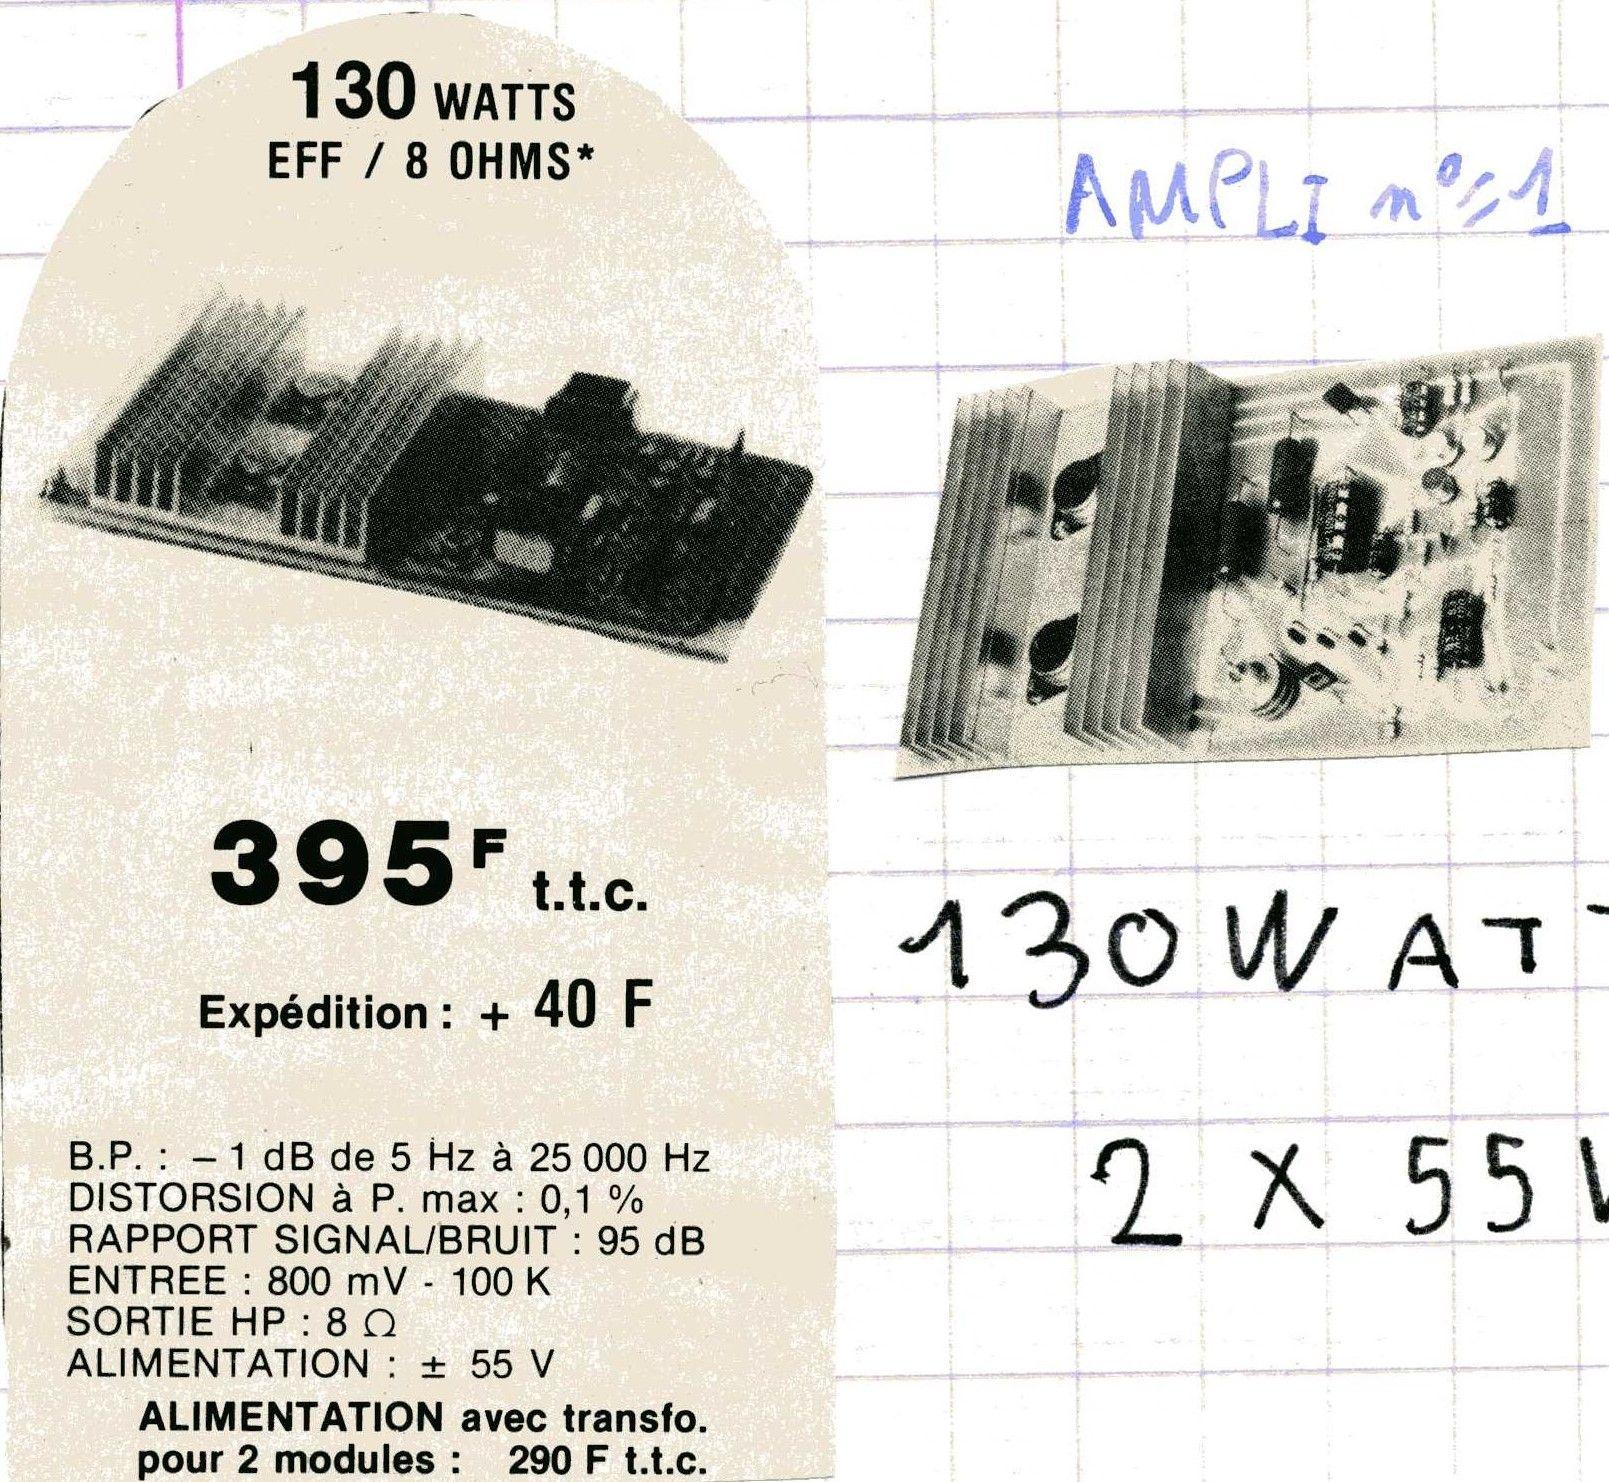 Épinglé par Valery Reboud sur Power amplifier Ampli